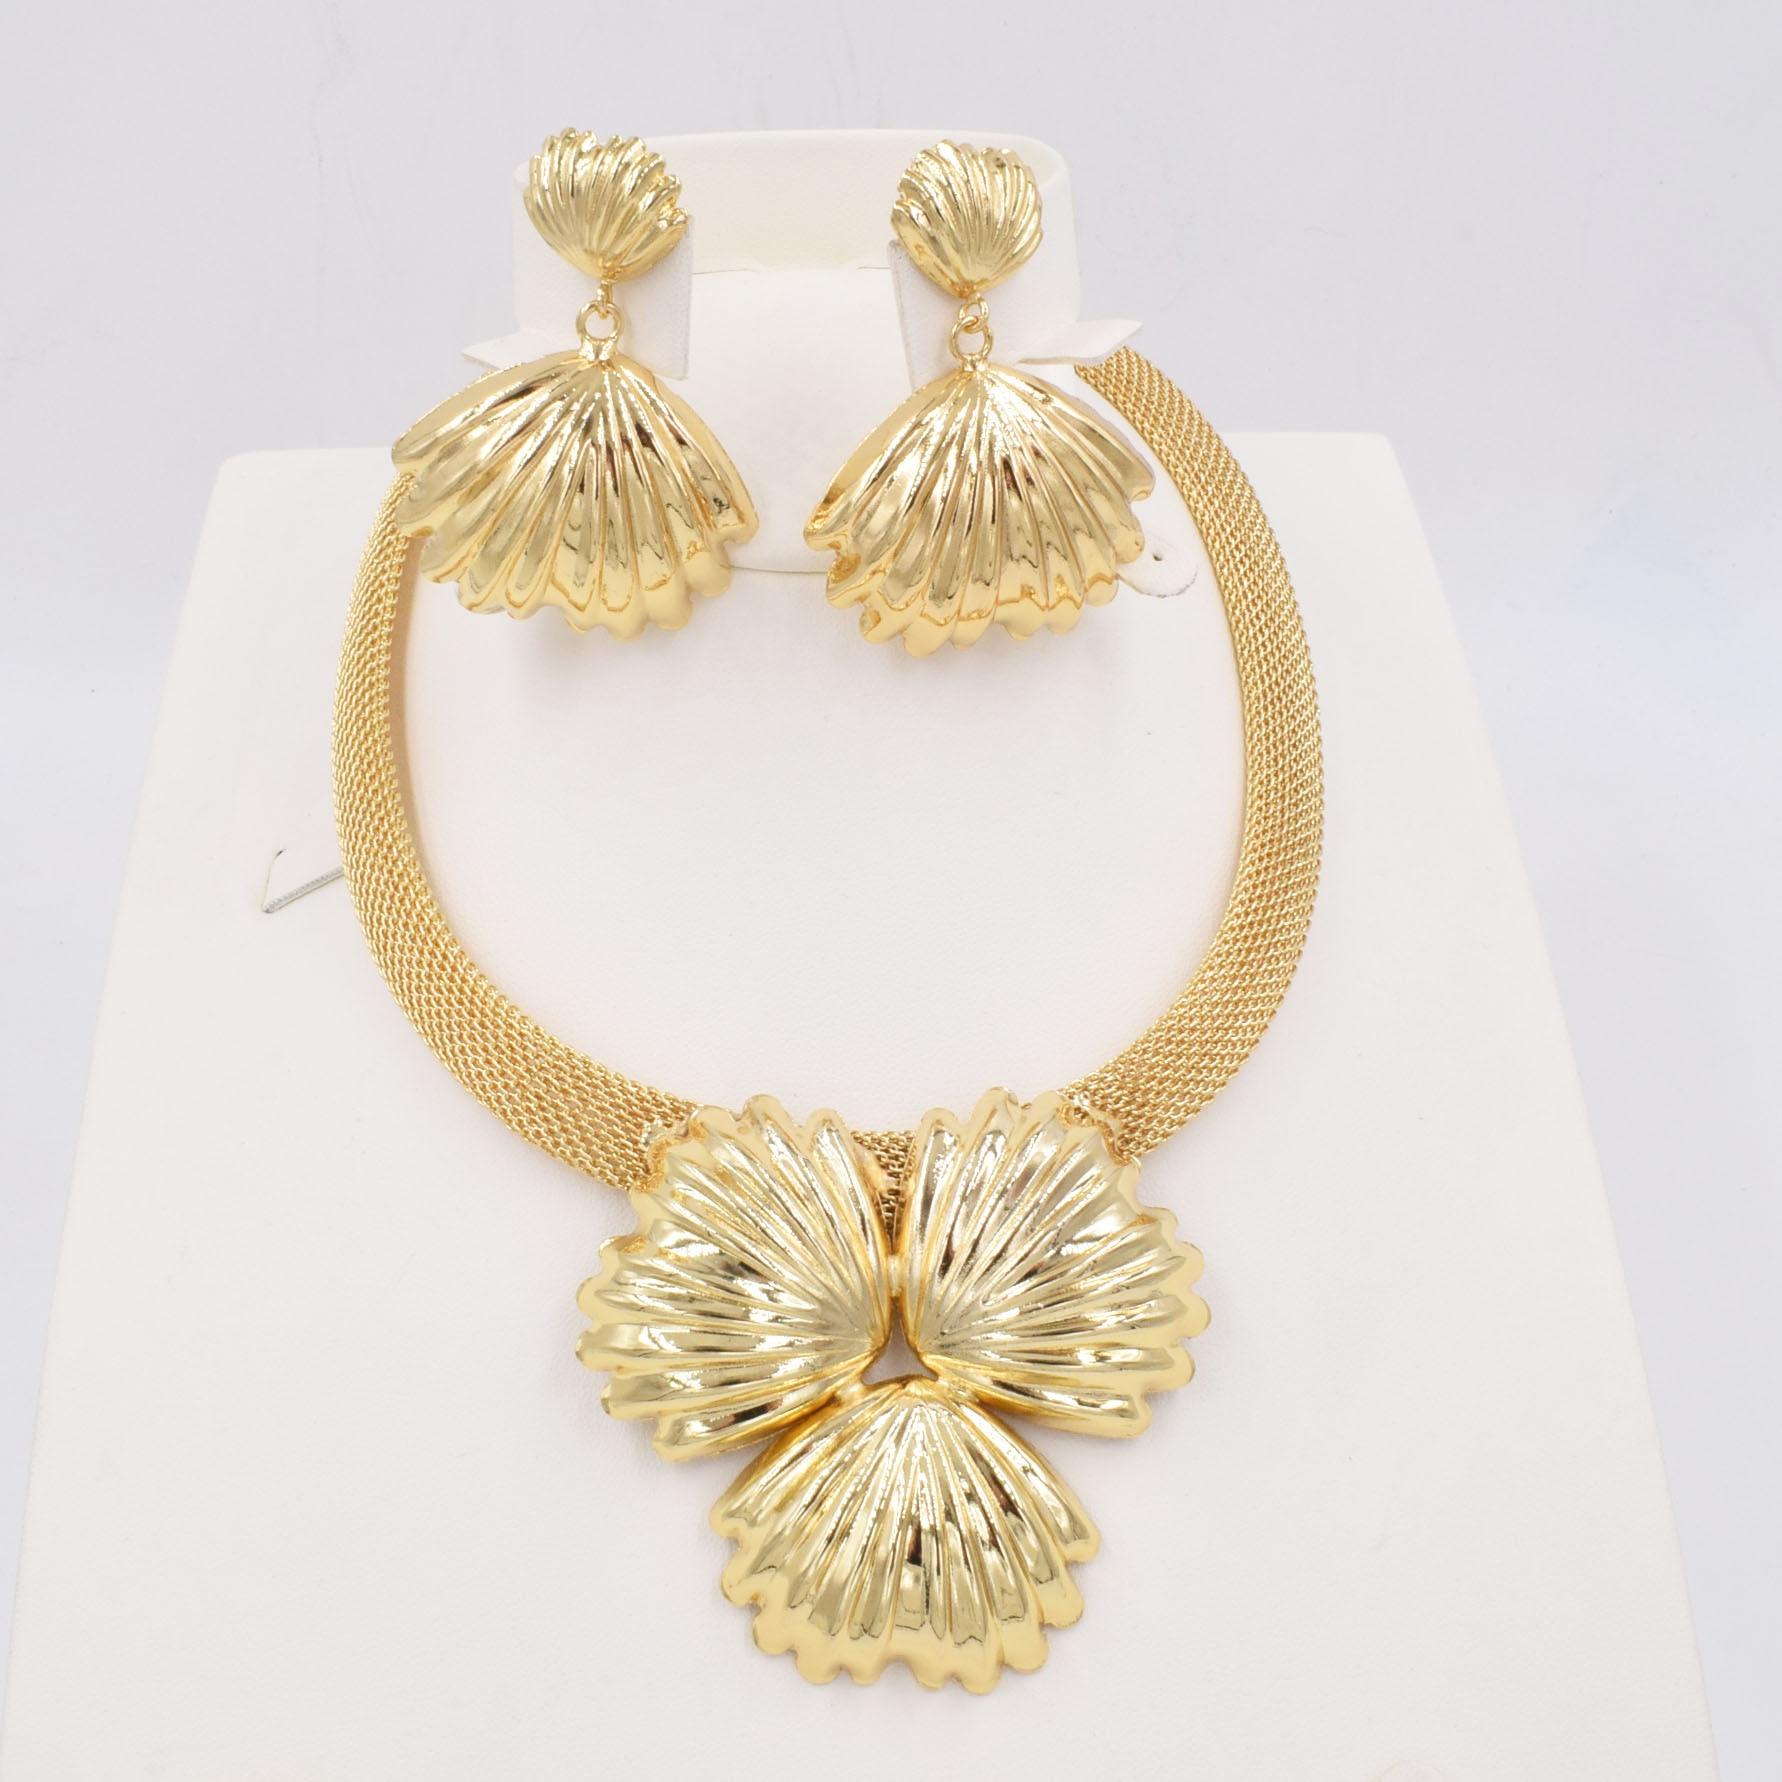 جودة عالية من دبي الذهب اللون طقم مجوهرات للنساء الخرز الأفريقي مجوهرات موضة قلادة مجموعة القرط مجوهرات